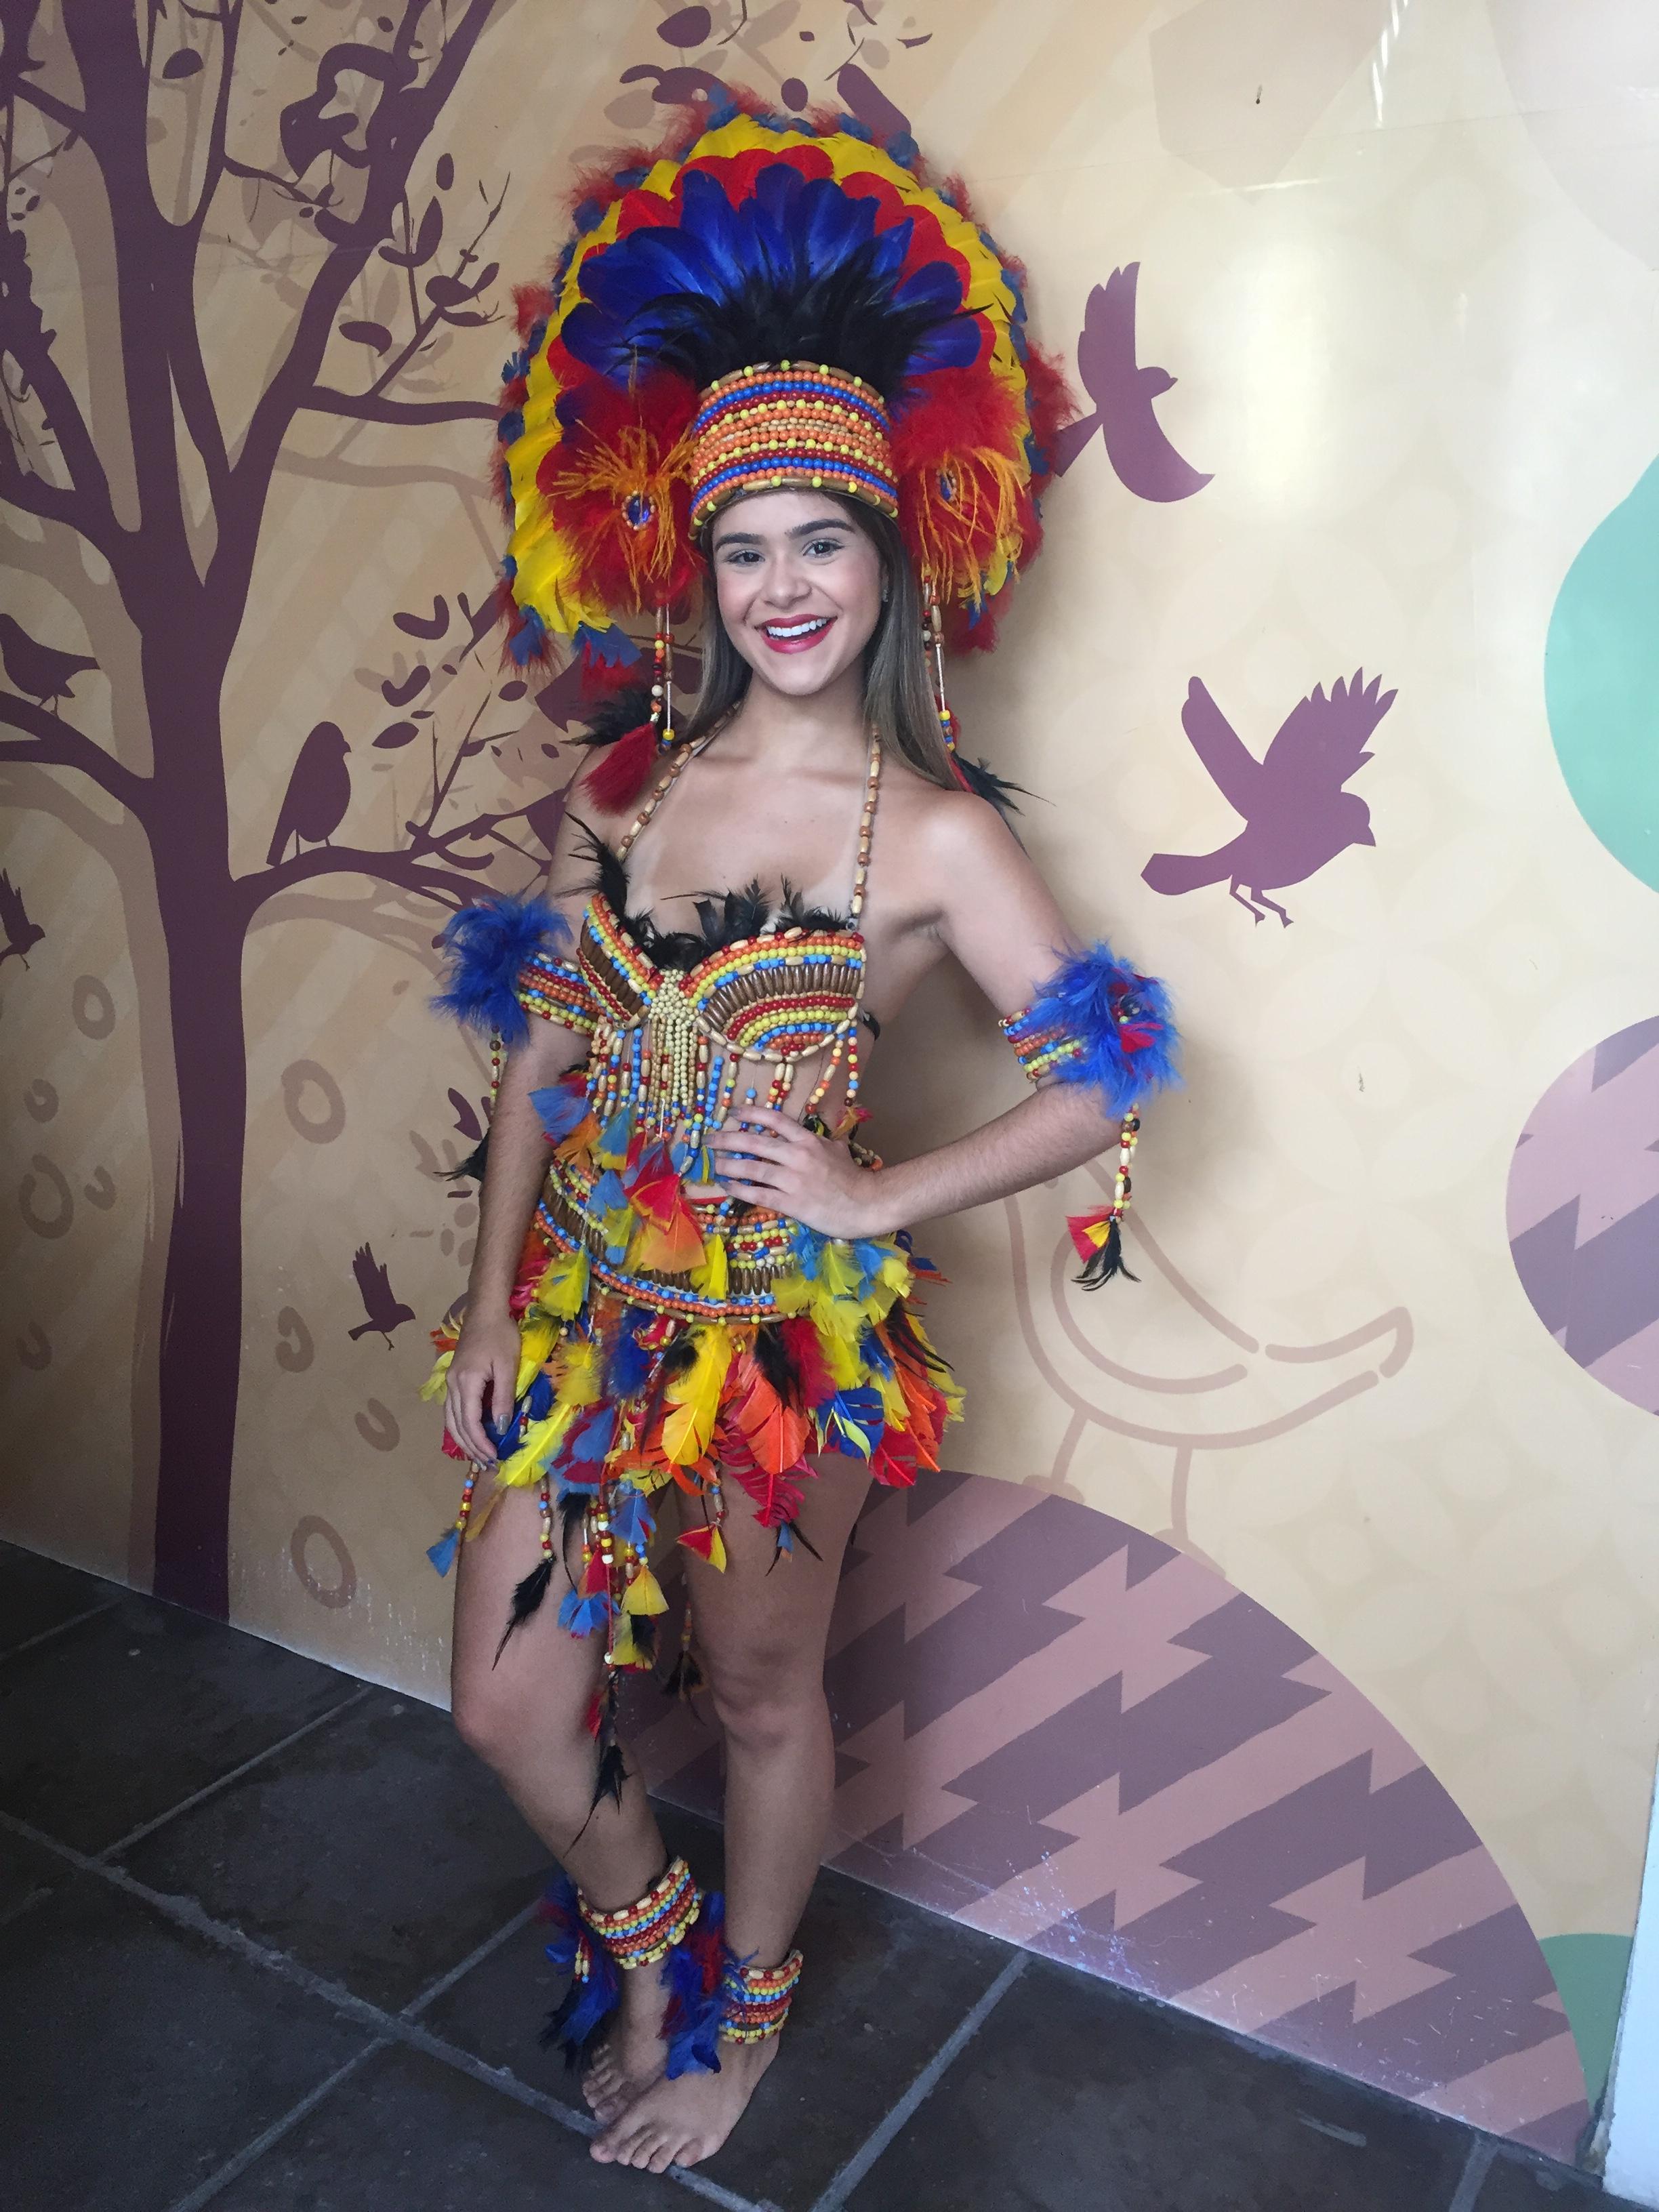 23121a7aa Fantasia de índia disponível para aluguel na Truk da Cena - Crédito  Thayse  Boldrini